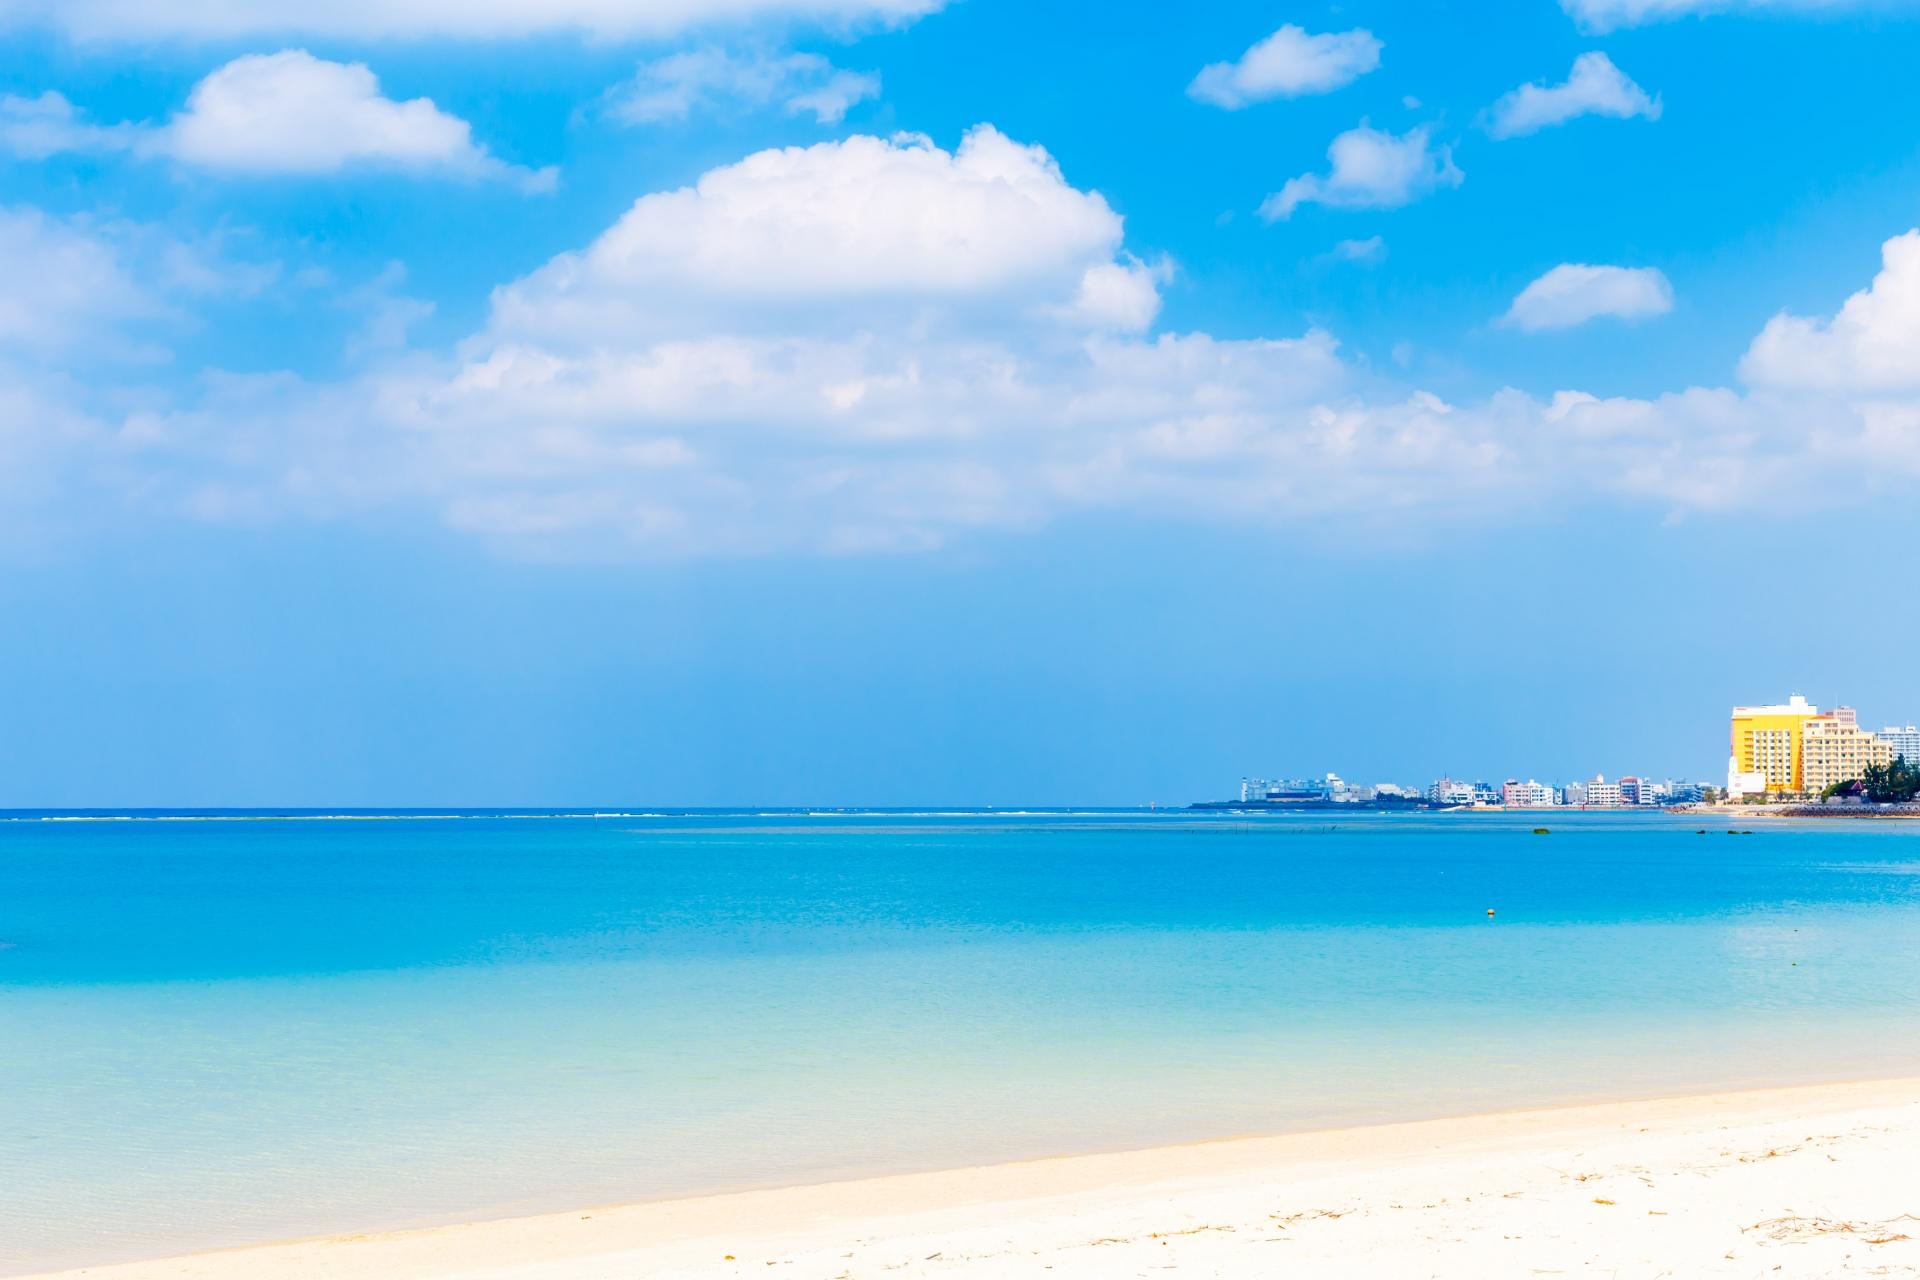 沖縄の海はいつまで入れるのかが気になる!海水浴シーズンを徹底リサーチ!